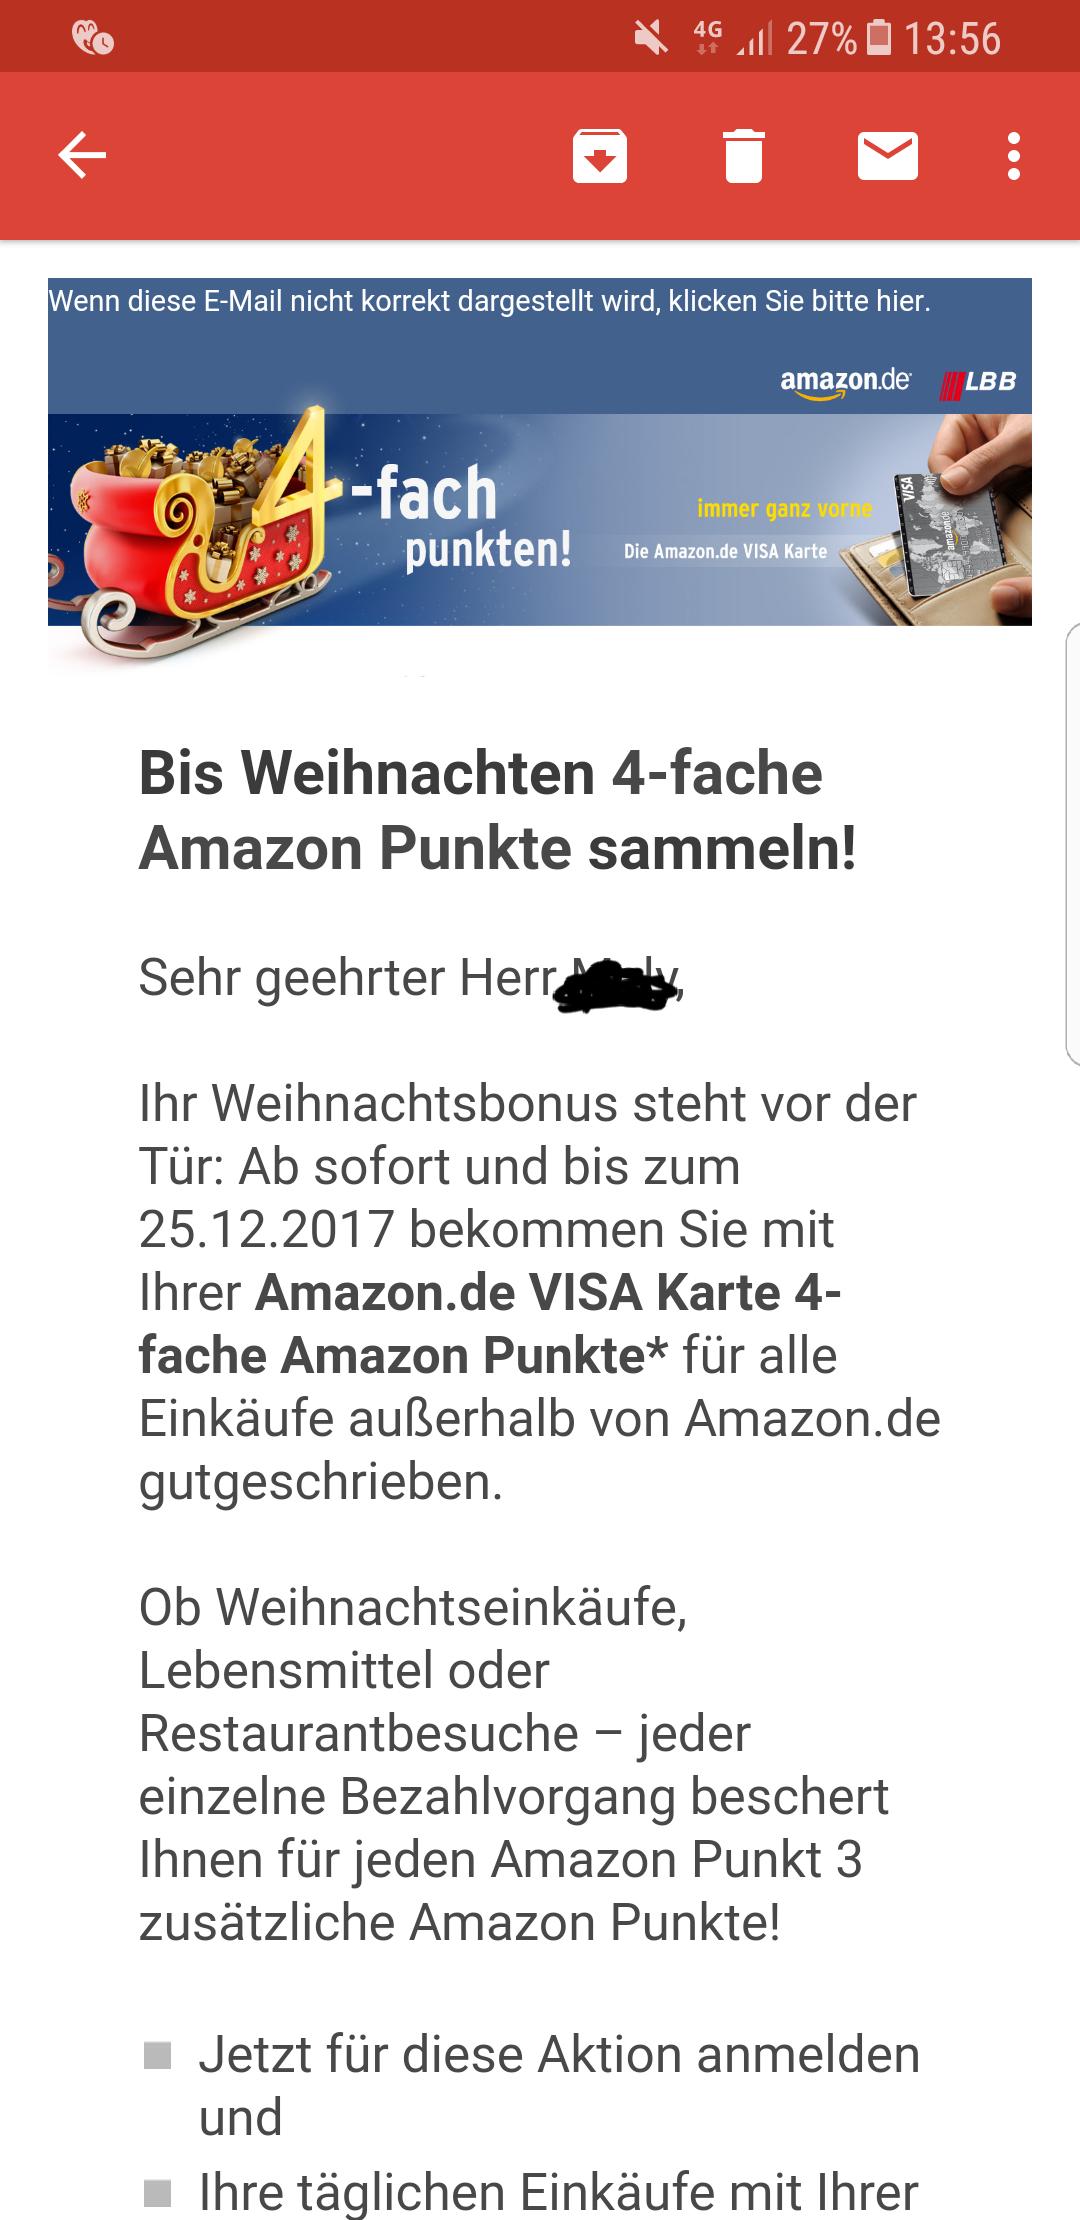 4-fach Punkte für alle Einkäufe außerhalb Amazons mit der Amazon Visacard